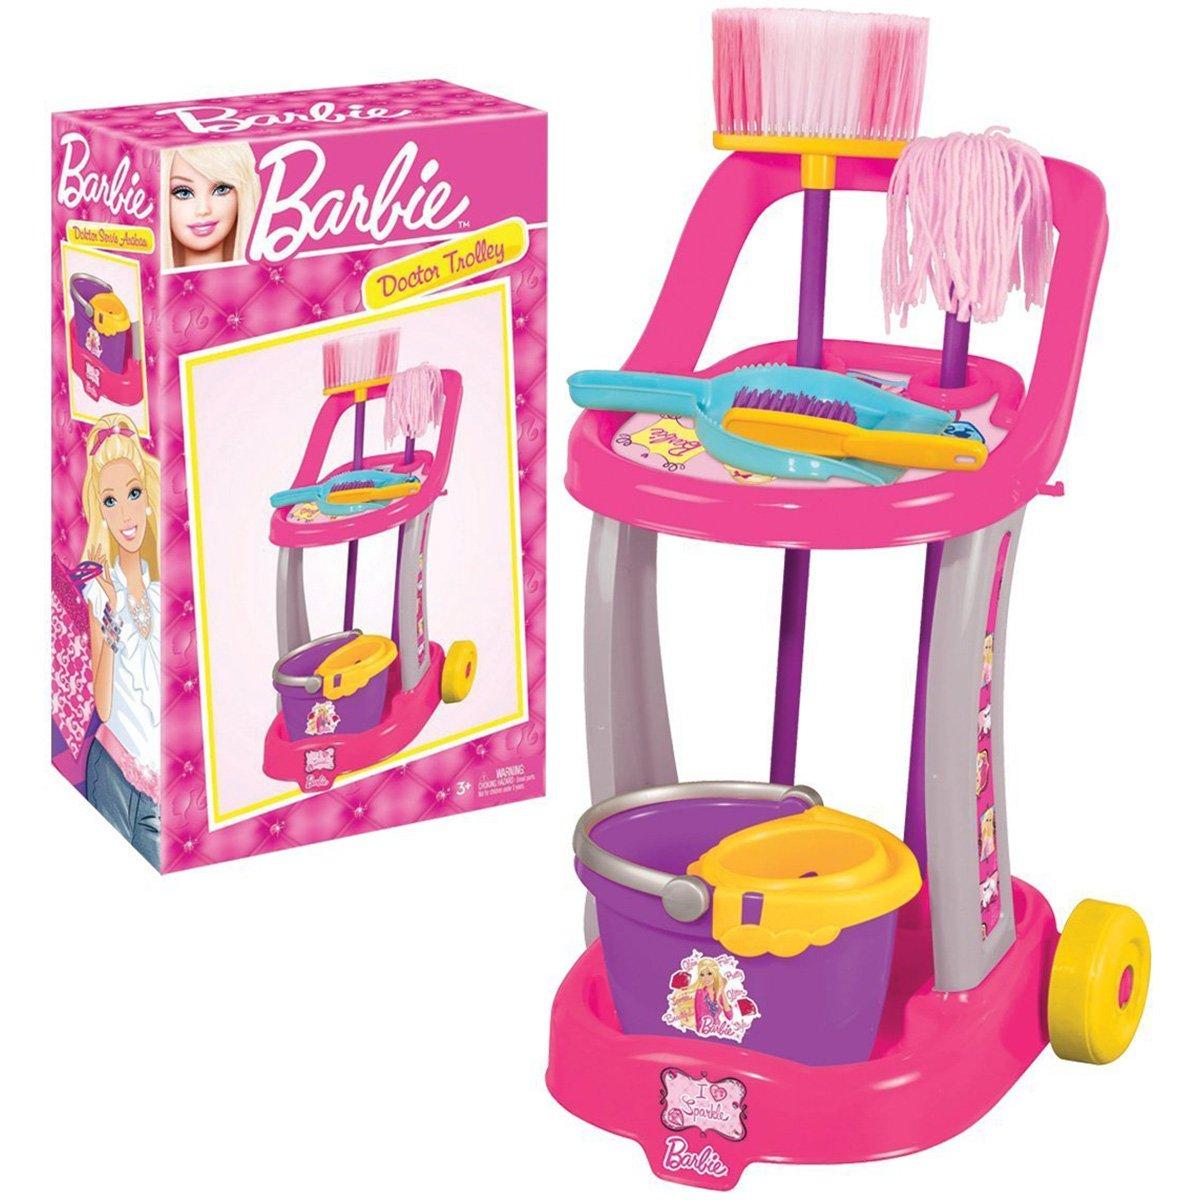 Troler cu accesorii de curatenie Barbie